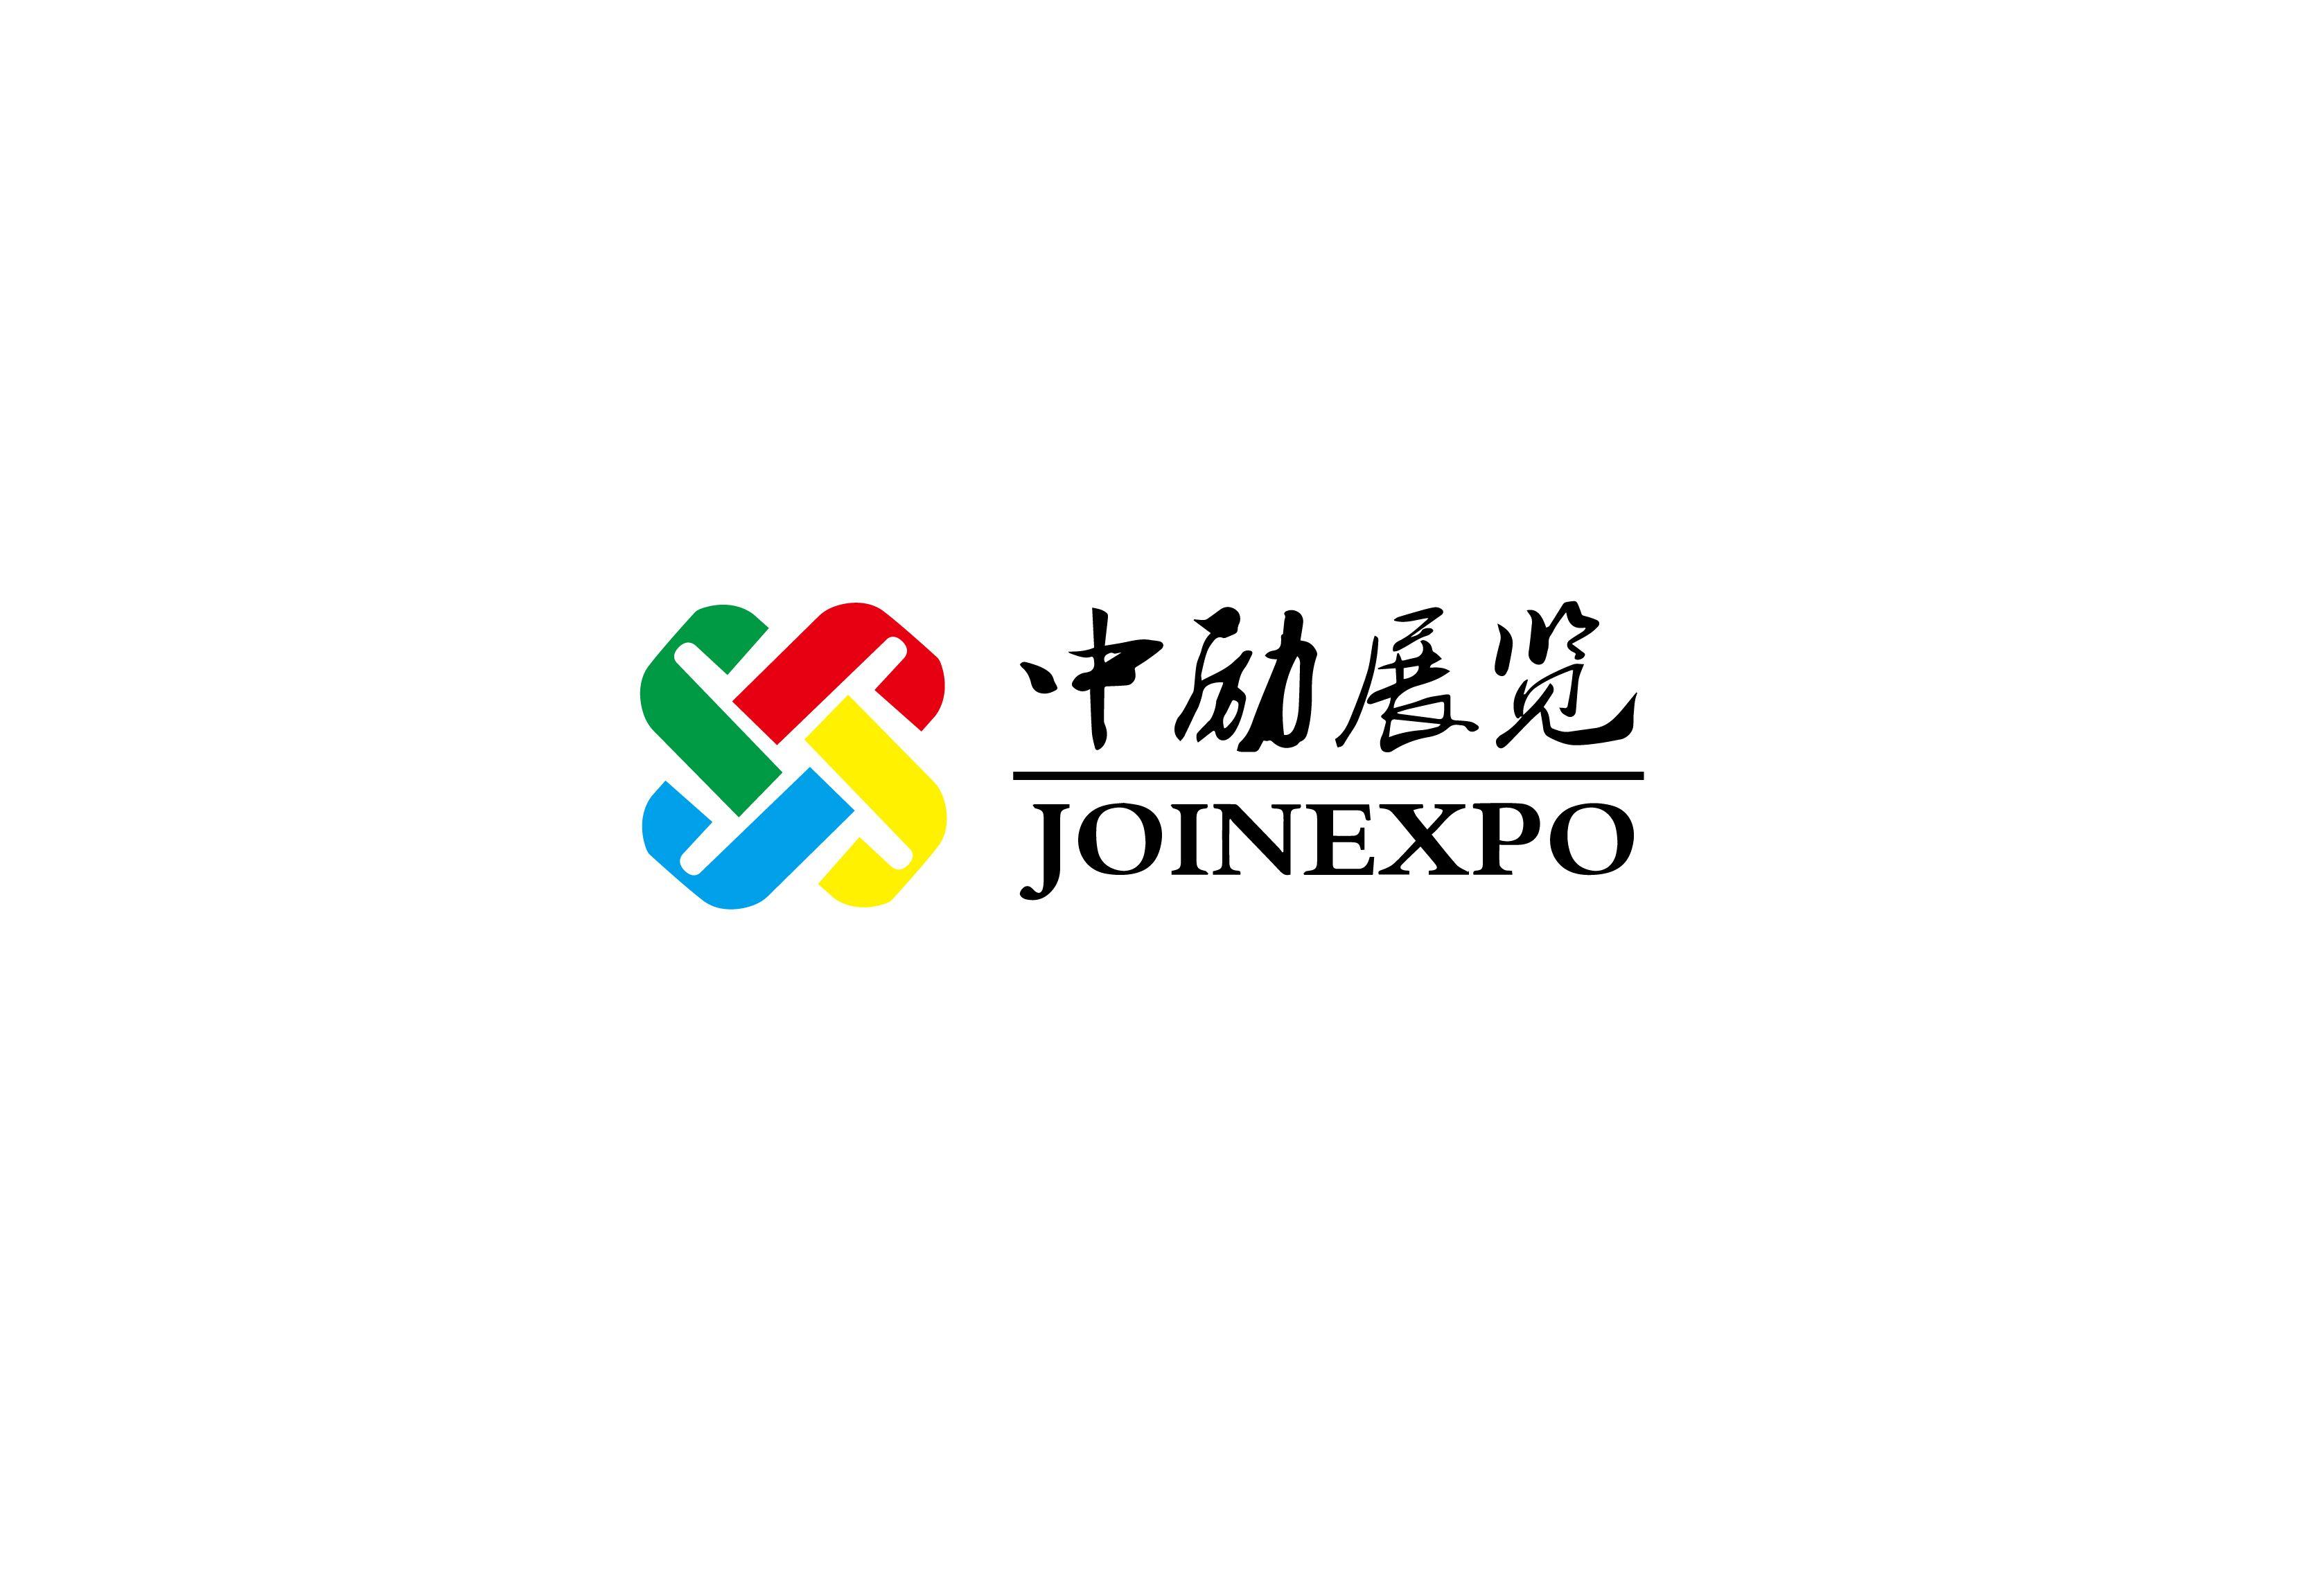 中励展览(上海)有限公司的企业标志